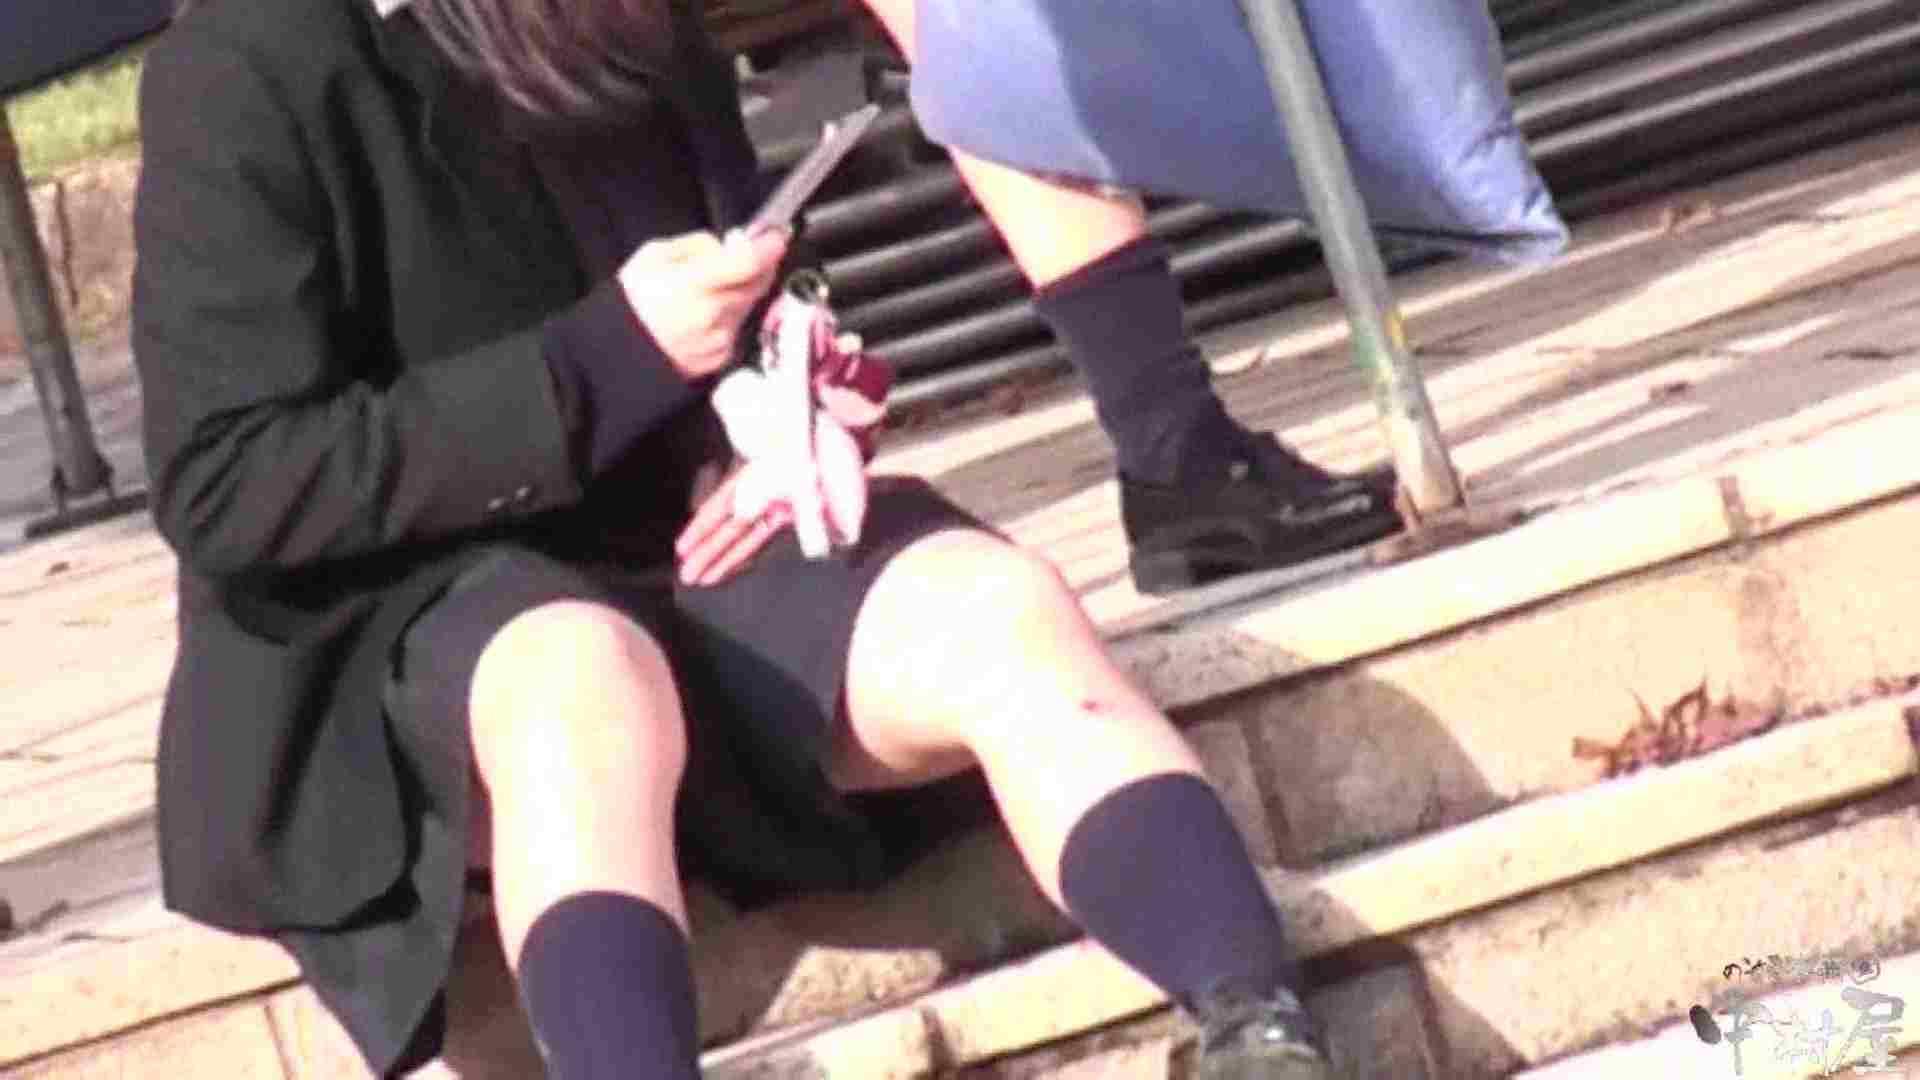 ドキドキ❤新入生パンチラ歓迎会vol.21 乙女すけべ画像 アダルト動画キャプチャ 81連発 24